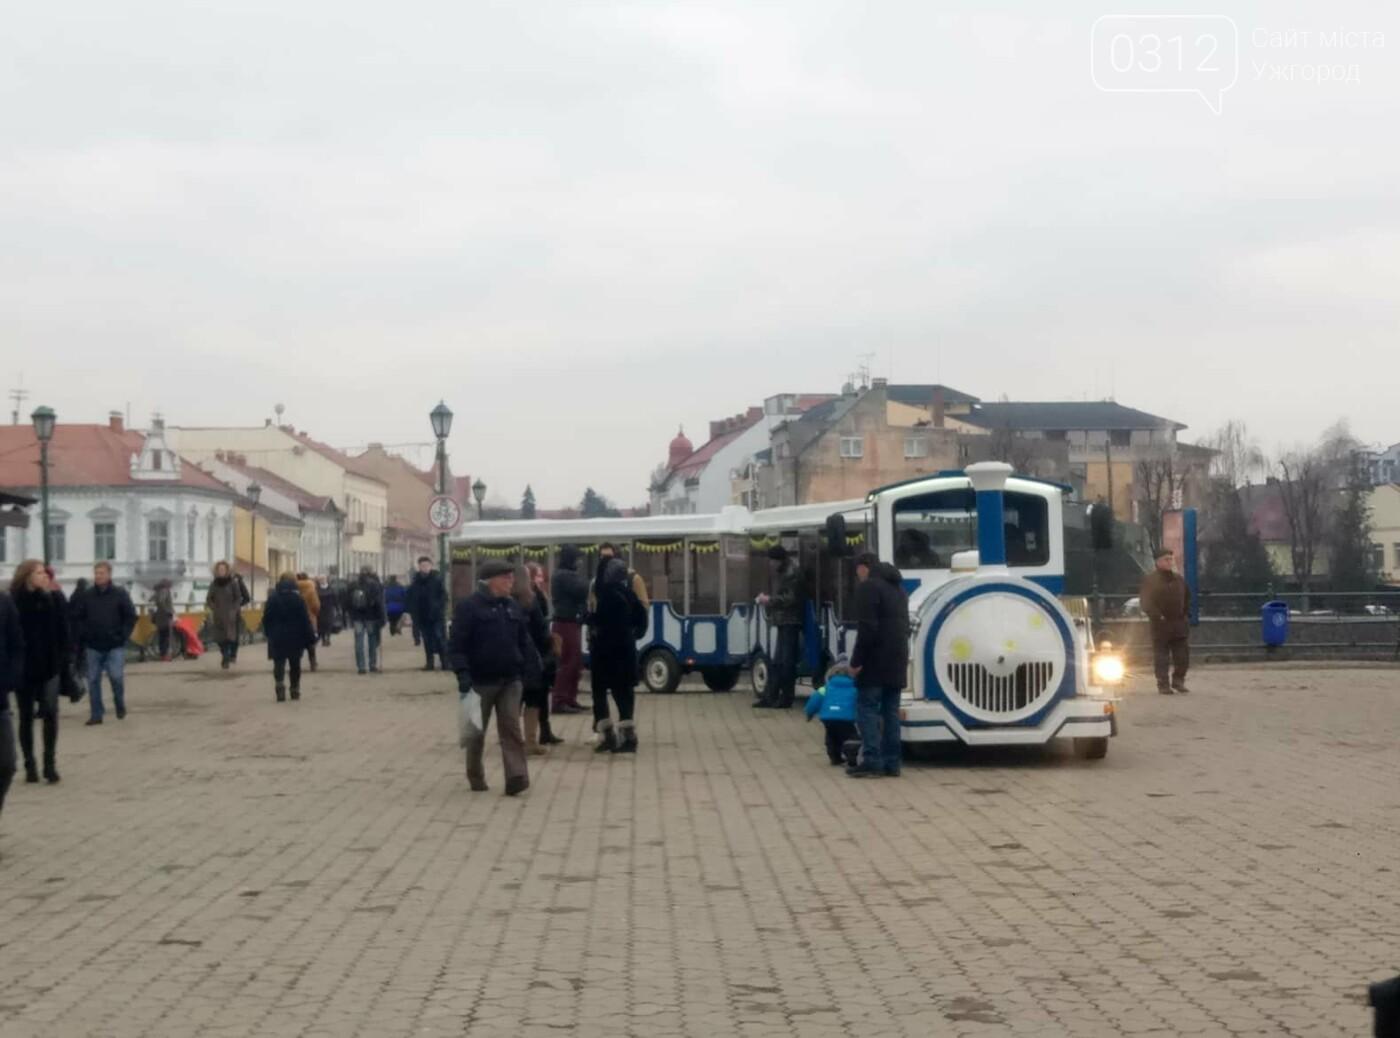 Стало відомо, за яким маршрутом курсує паровозик в Ужгороді (ЦІНИ), фото-1